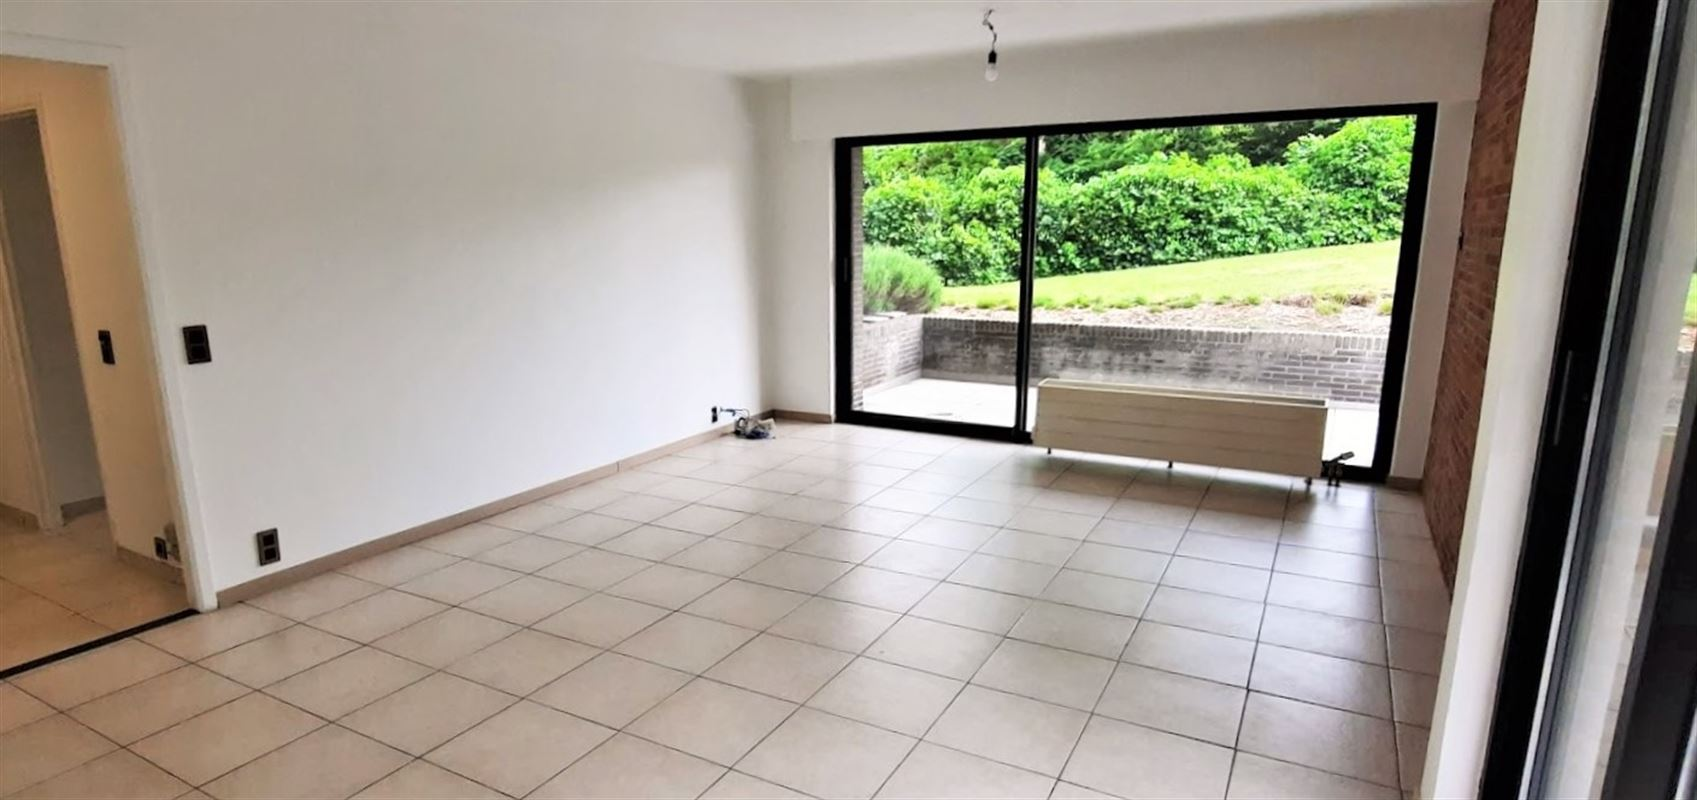 Foto 1 : Appartement te 2800 MECHELEN (België) - Prijs € 775